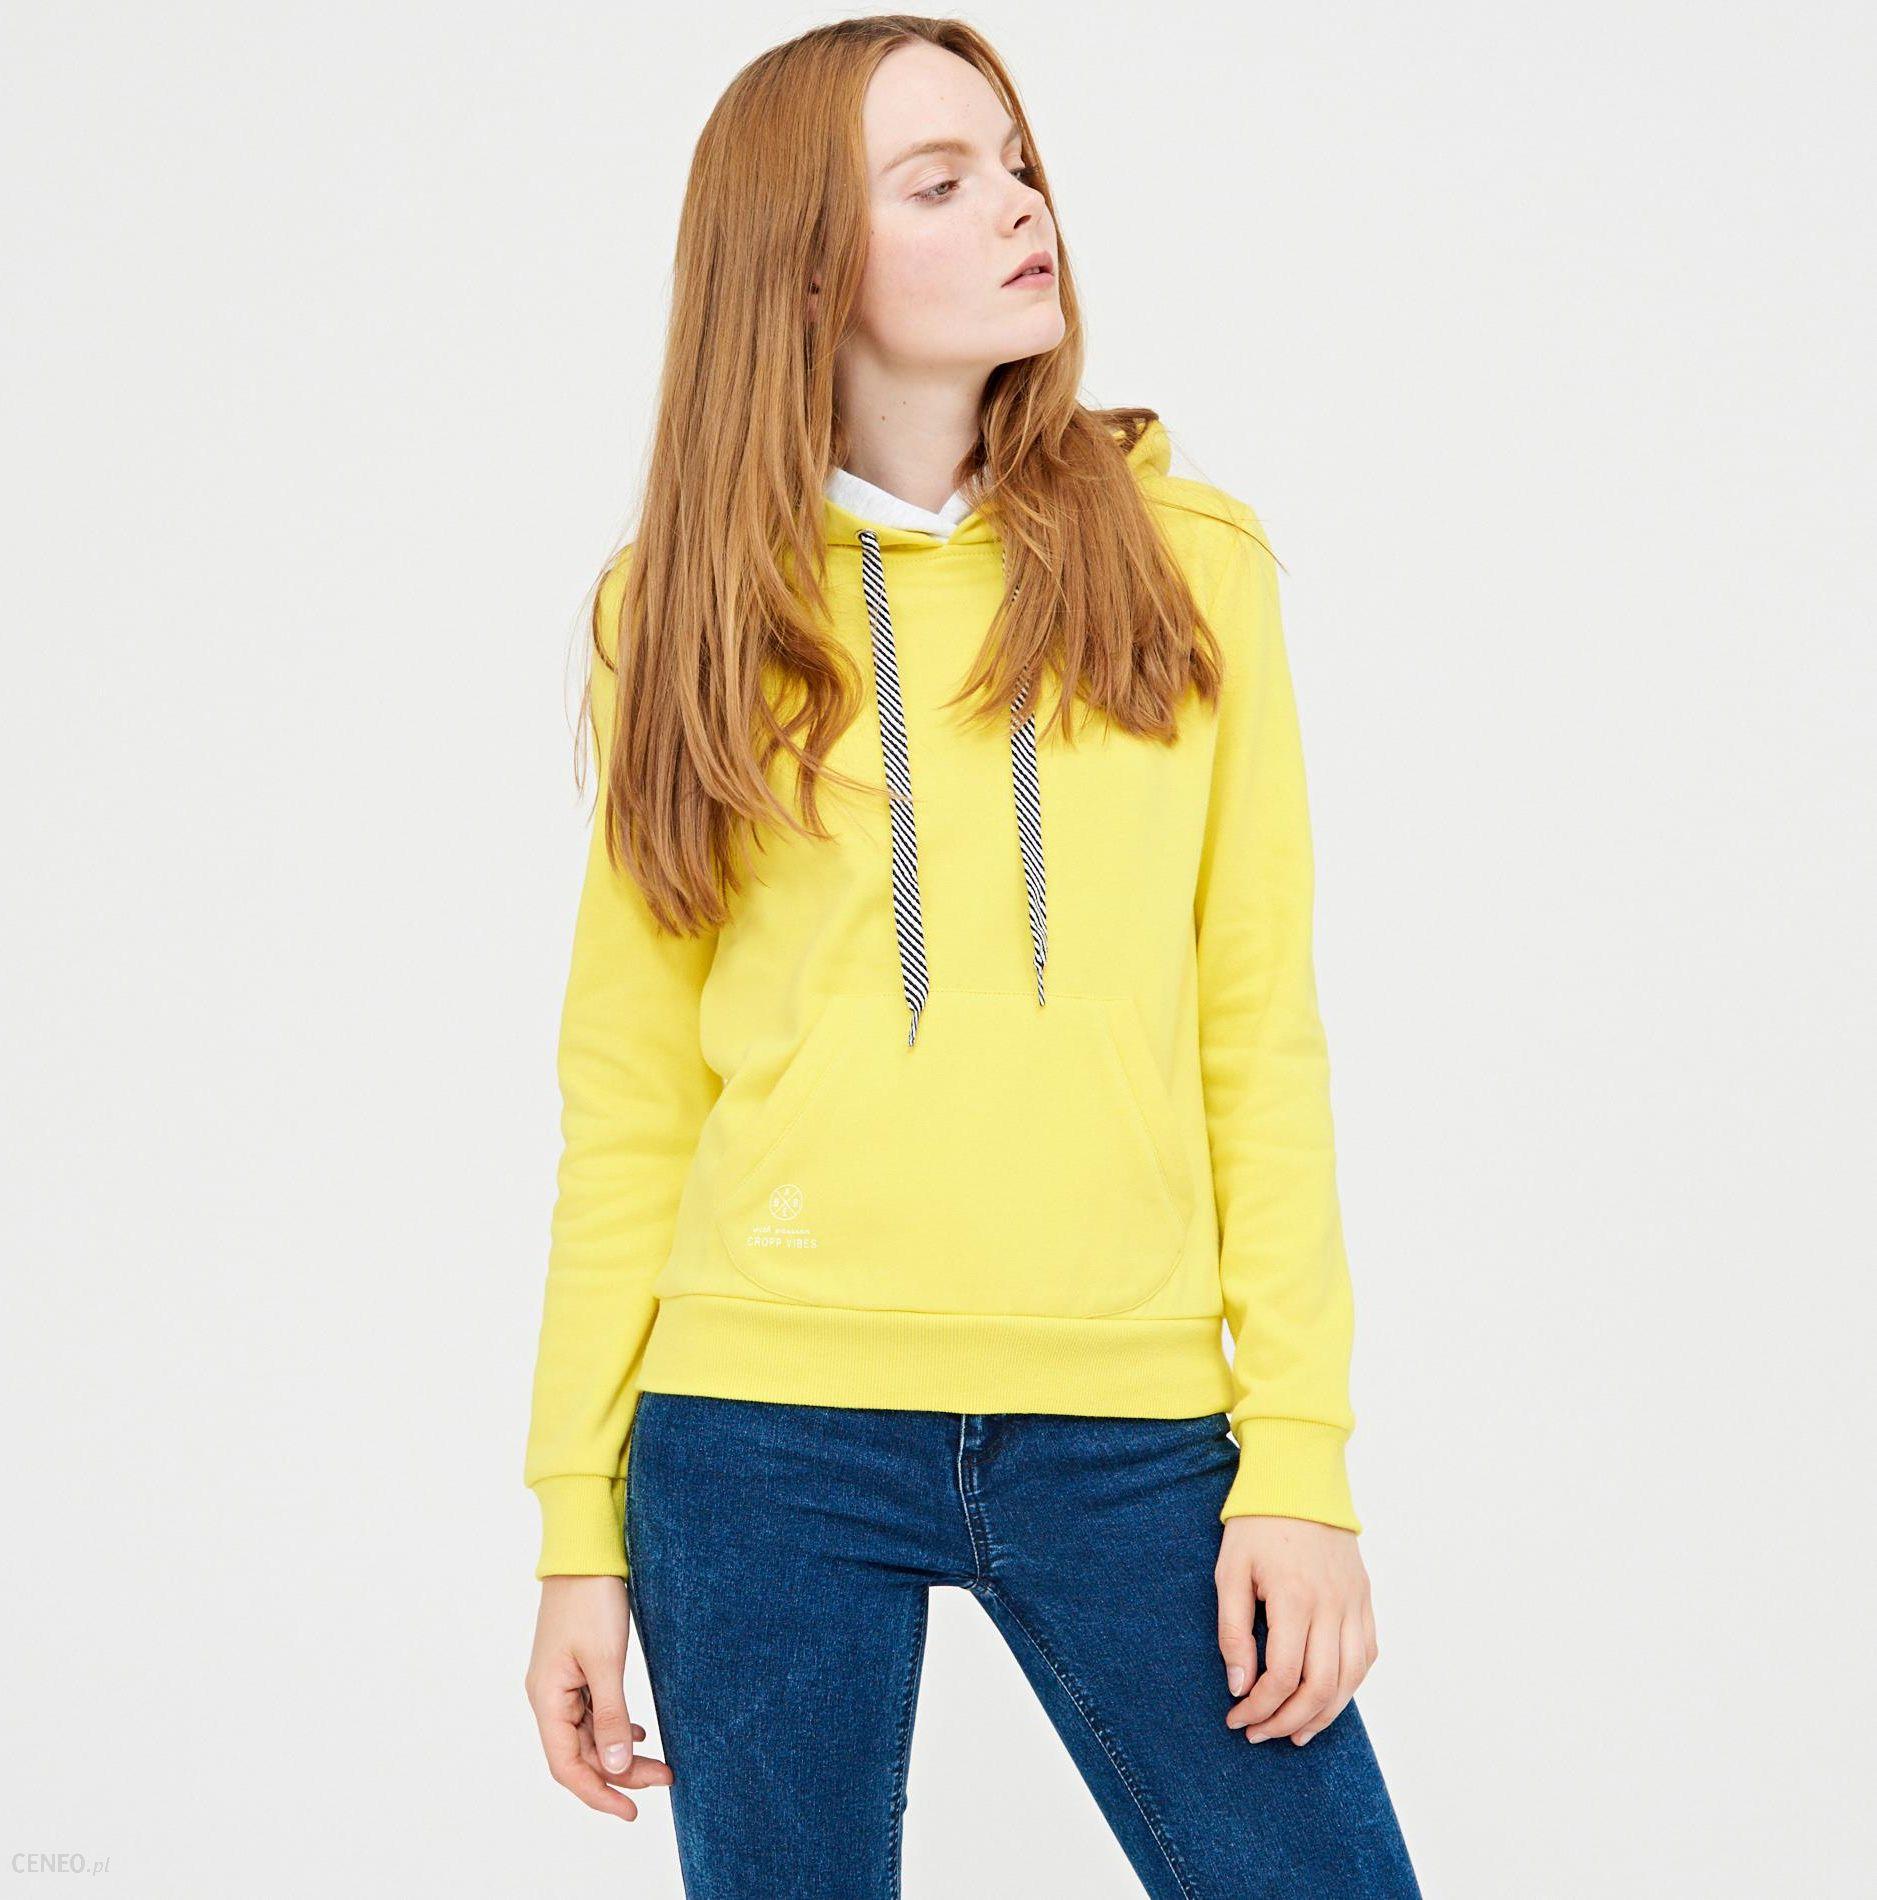 Cropp Miękka bluza z kapturem Żółty Ceny i opinie